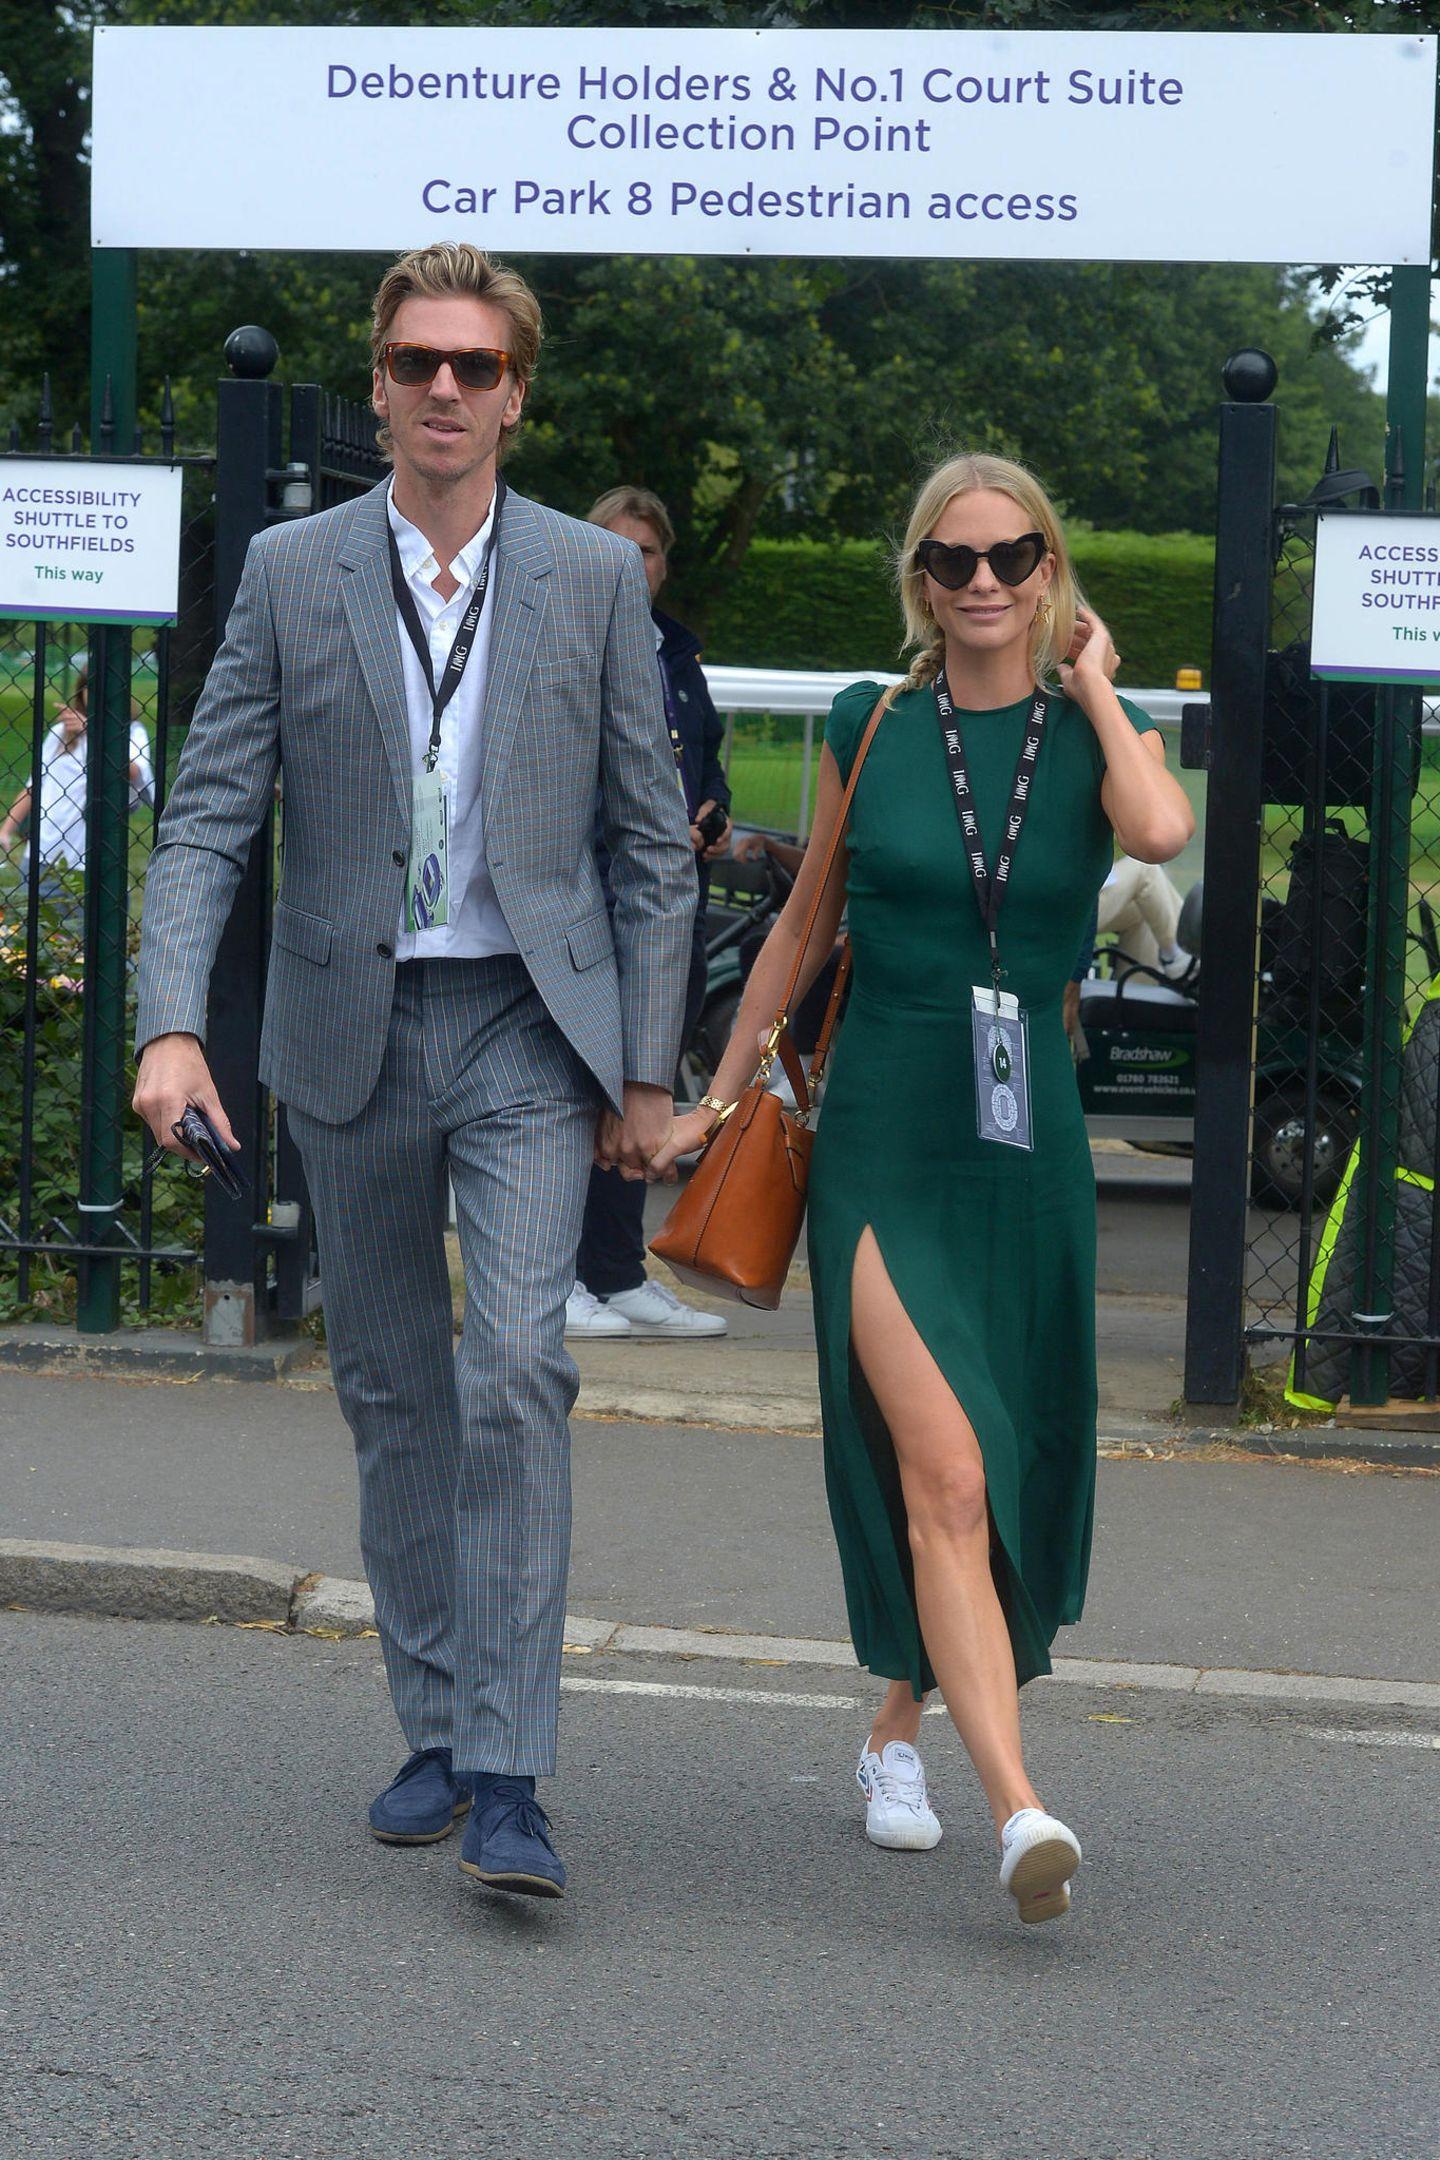 Ihre große Liebe zum Tennis zeigt Poppy Delevingne während des Herrenfinales in Wimbledon mit ihrer Sonnenbrille: Denn die schwarzen Gläser ihres Accessoires sind zu zwei Herzen geformt. Dazu kombiniert die 33-Jährige ein enges Shirtdress in flaschengrün, mit einer ganz besonderen Rückansicht ...